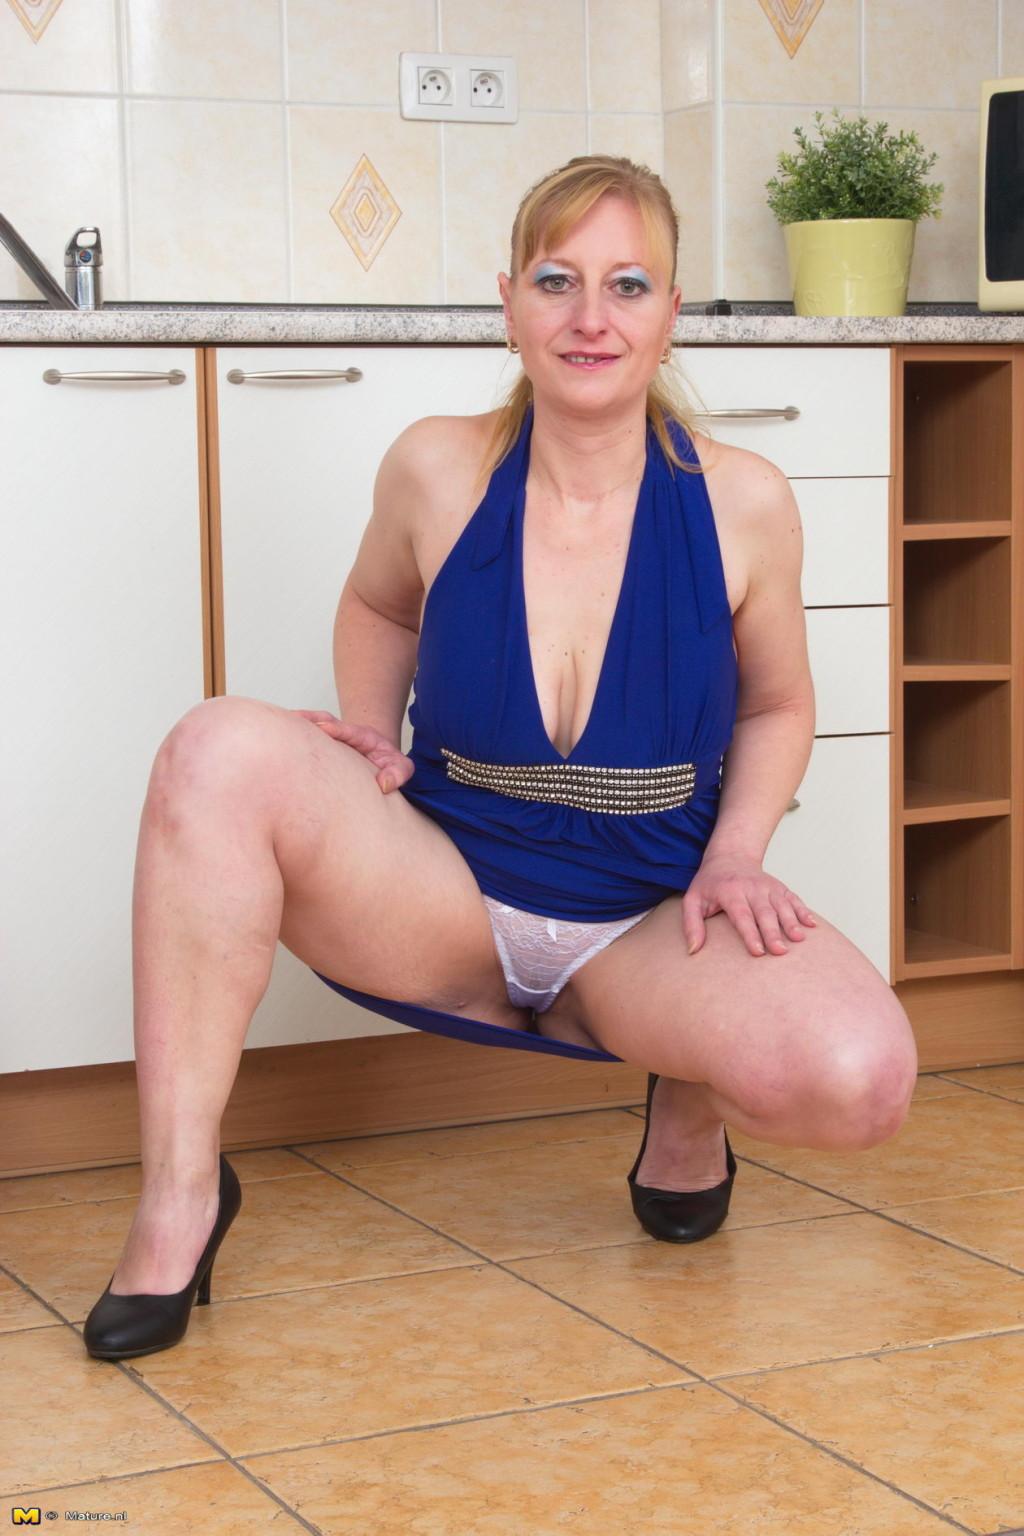 На кухне - Галерея № 3538597